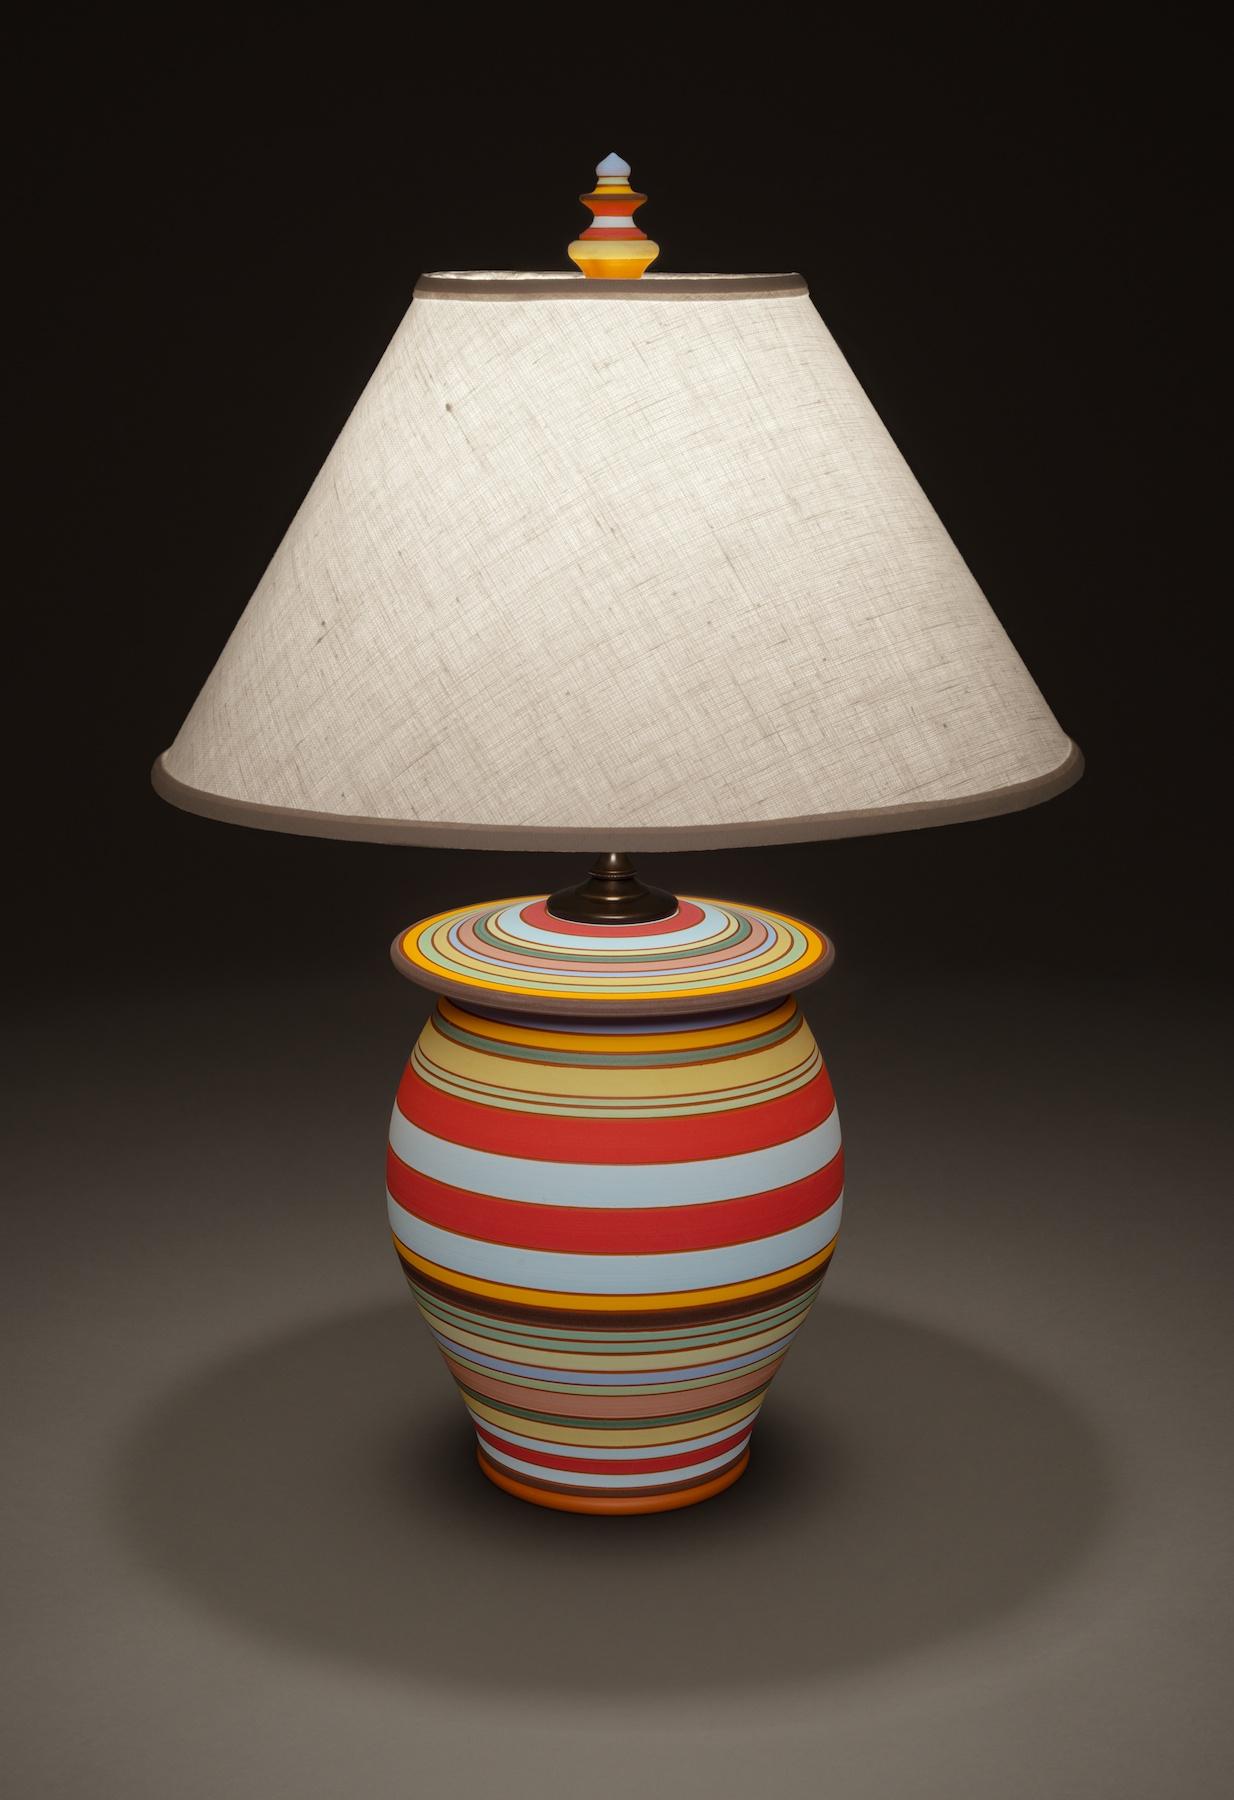 lamps 006.jpg